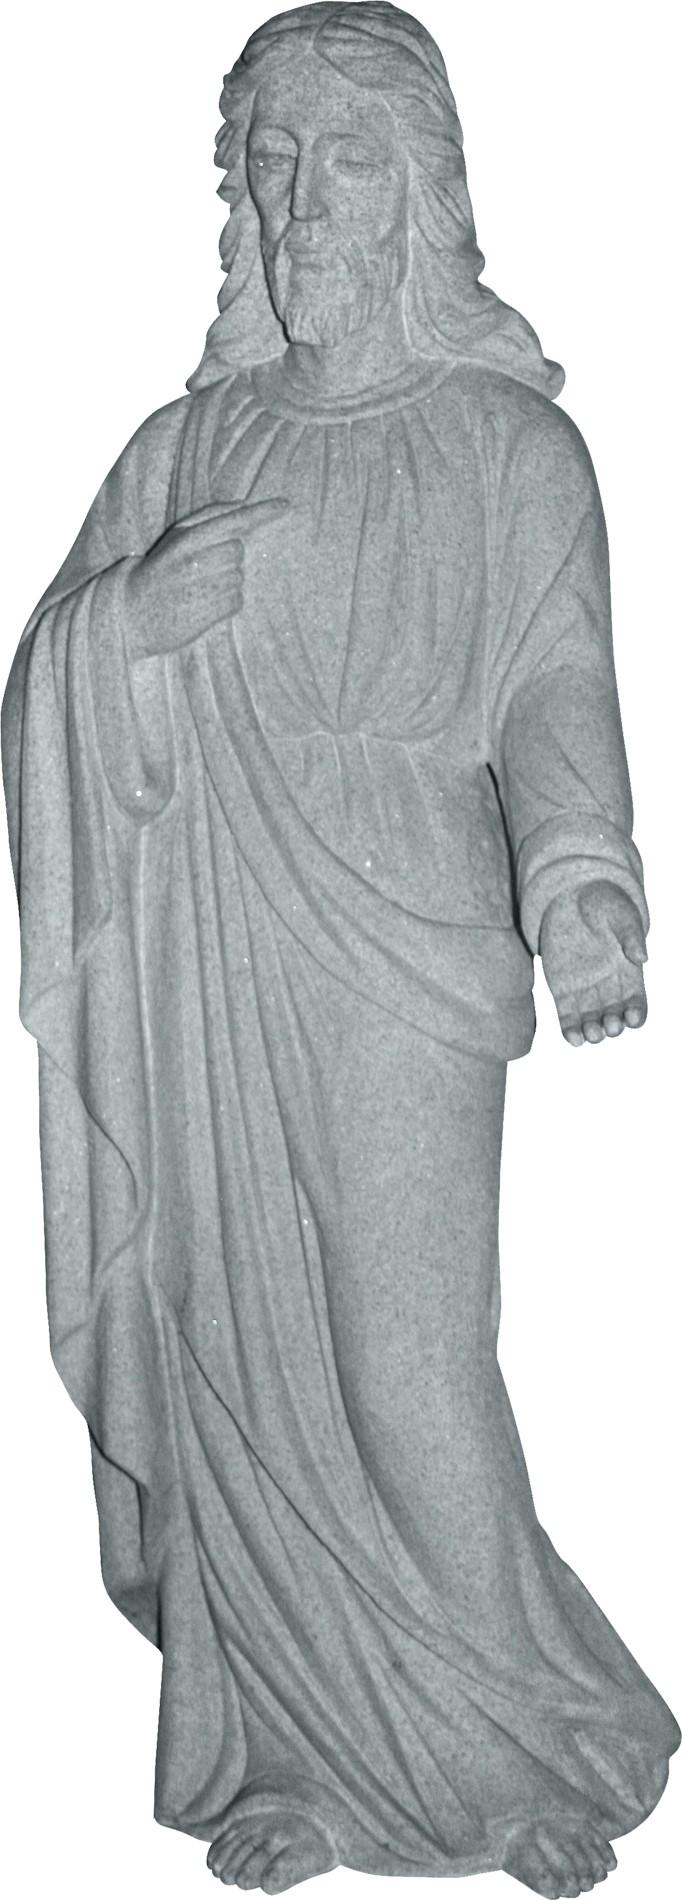 SPL Statues